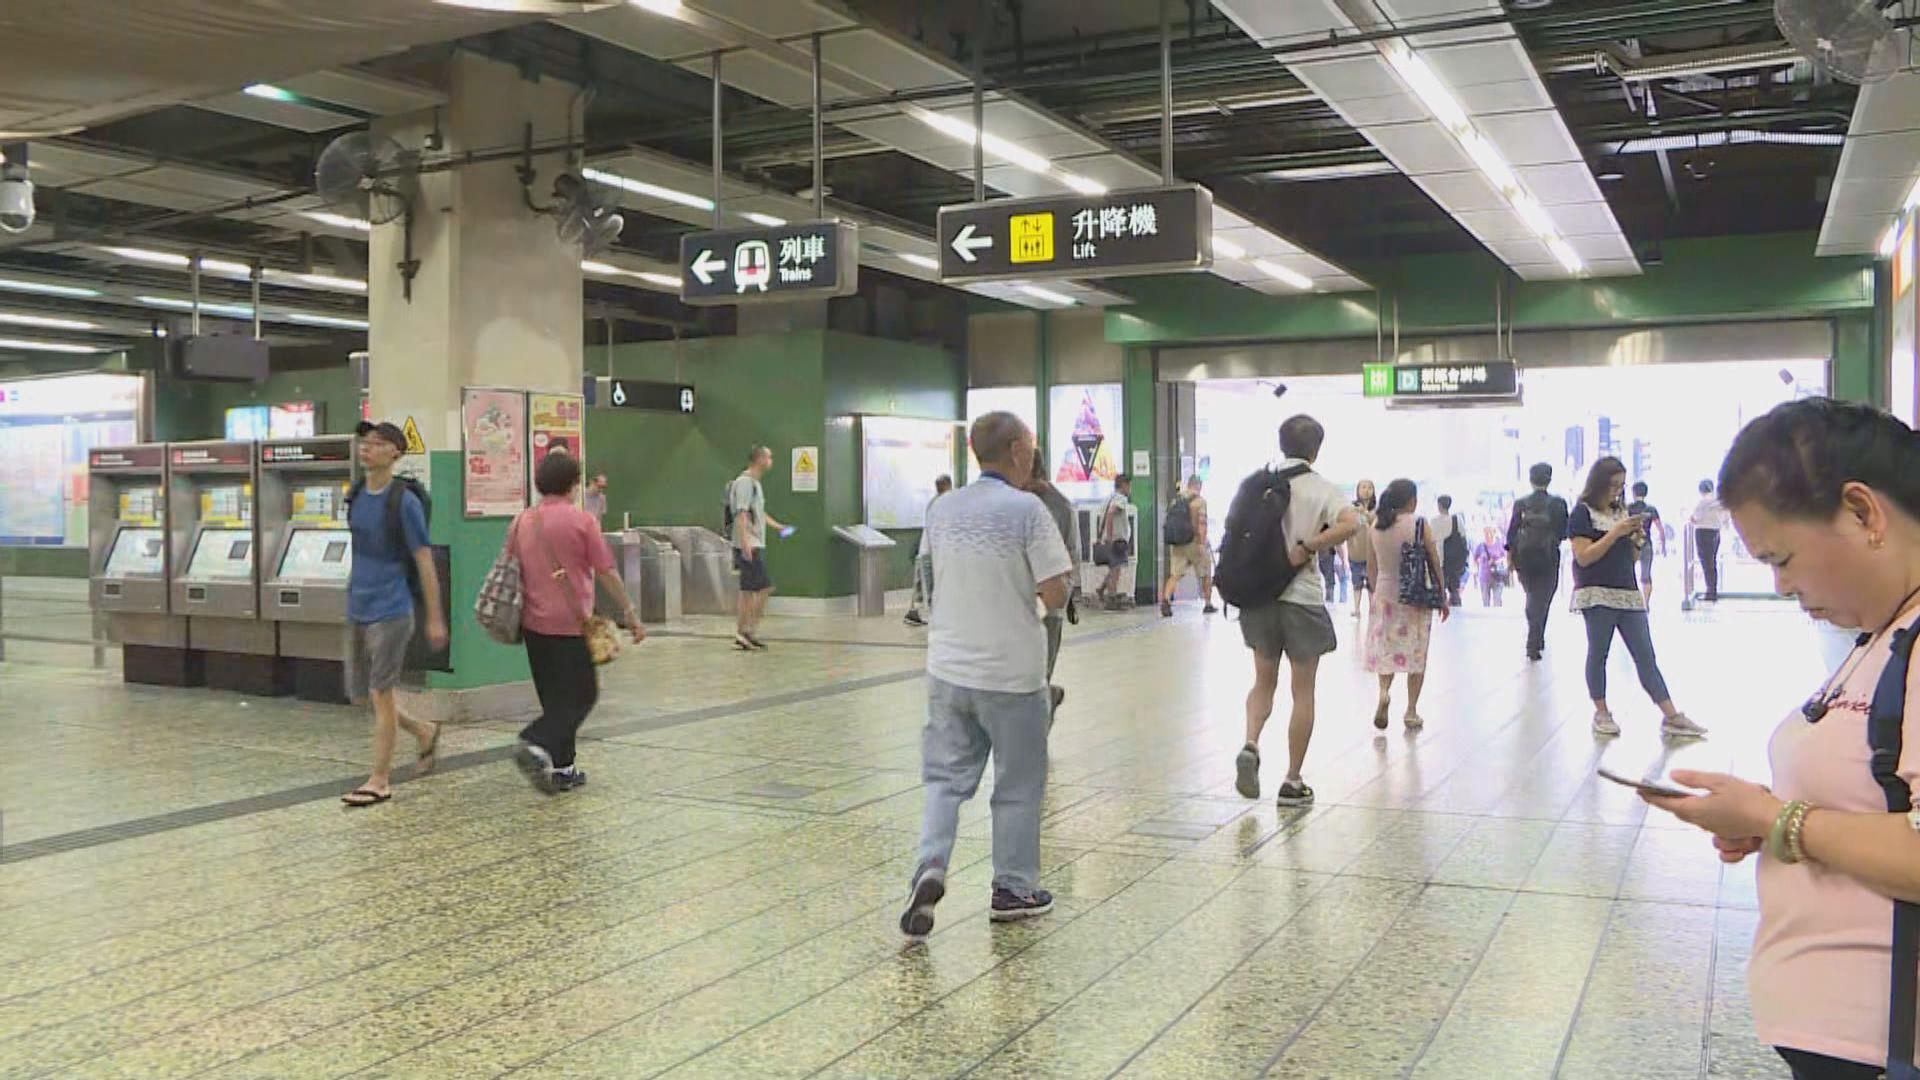 葵芳站重開 列車恢復上落客